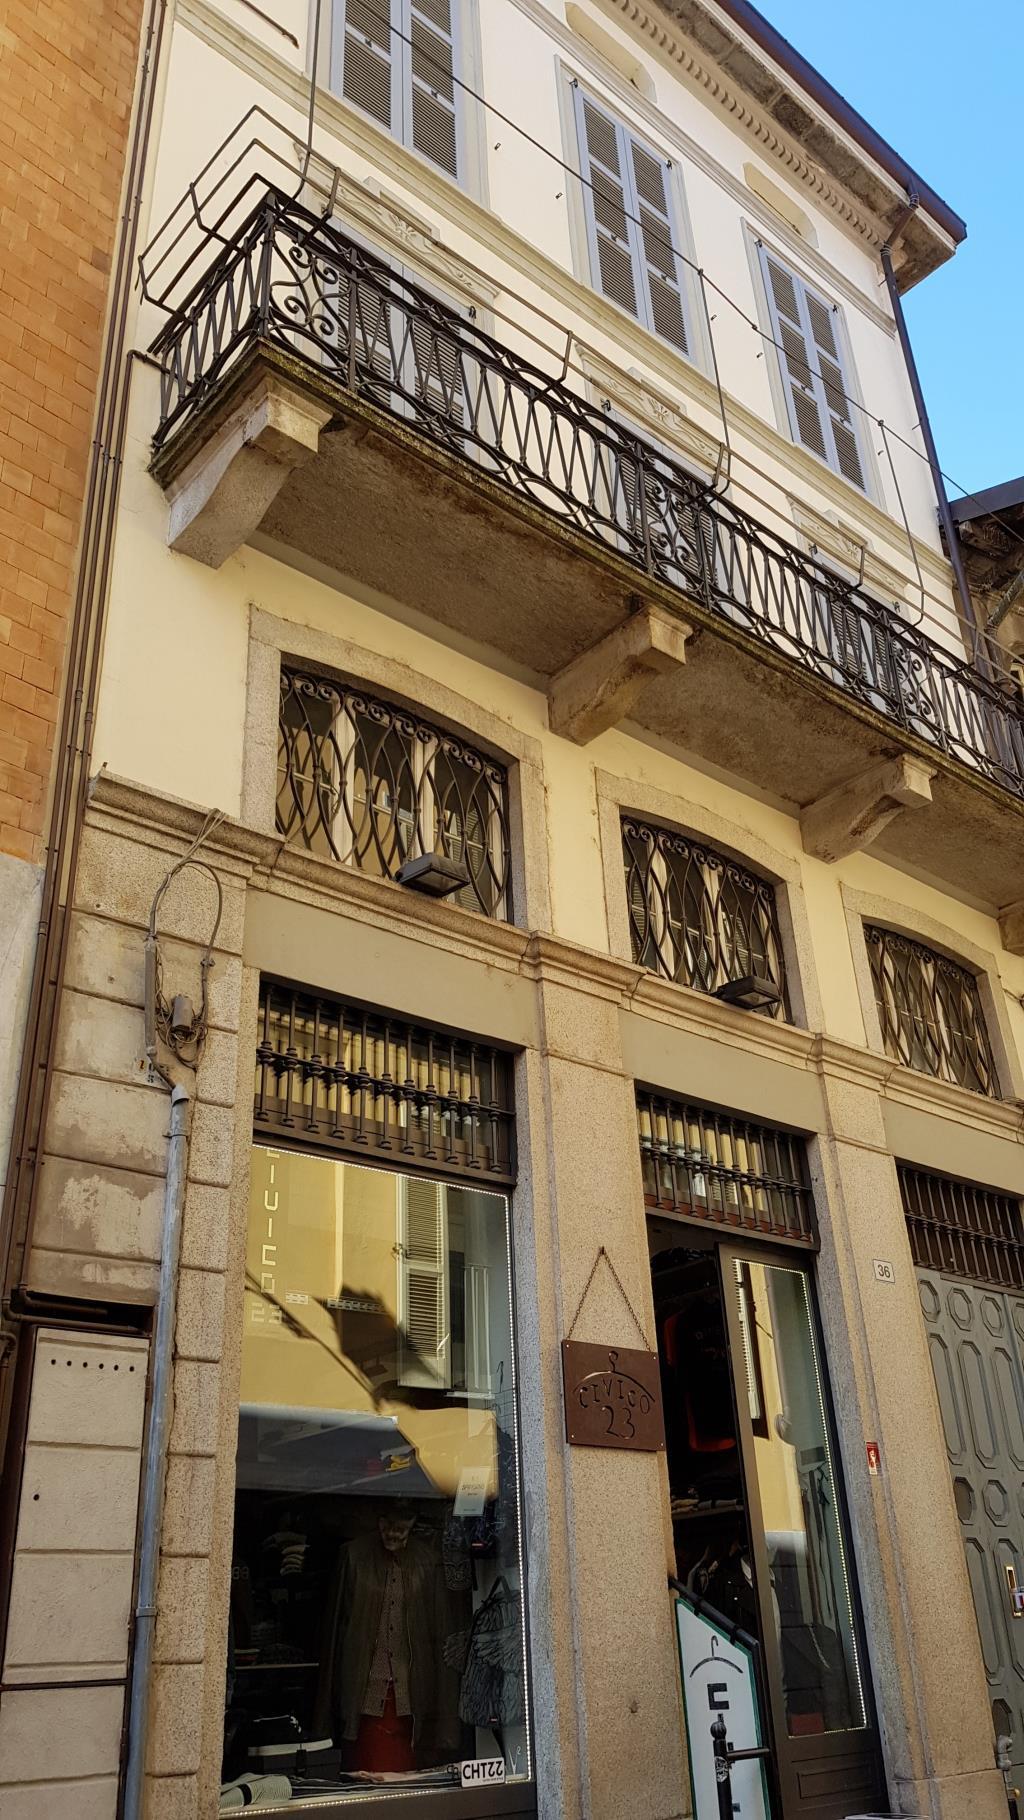 Negozio / Locale in vendita a Lecco, 2 locali, prezzo € 255.000 | CambioCasa.it